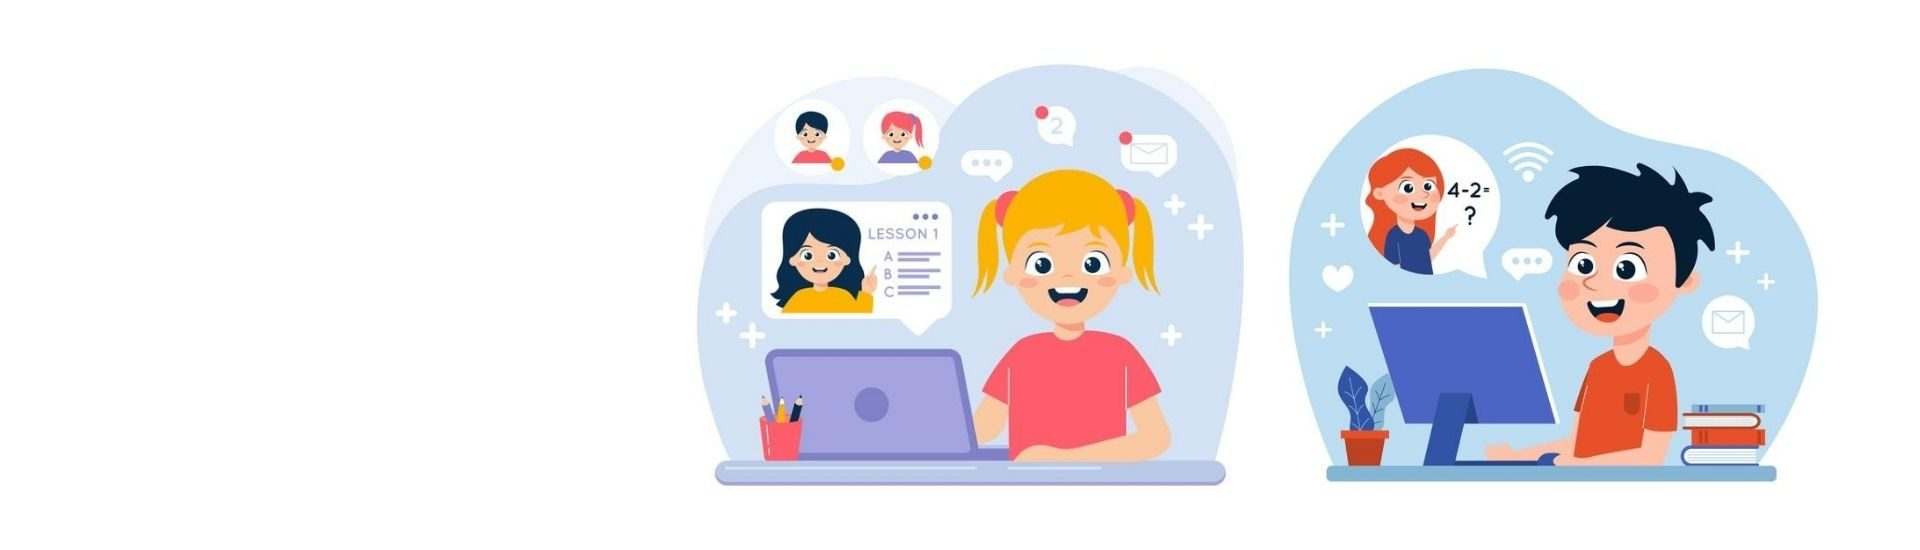 Ilustración de dos estudiantes realizando clases en línea